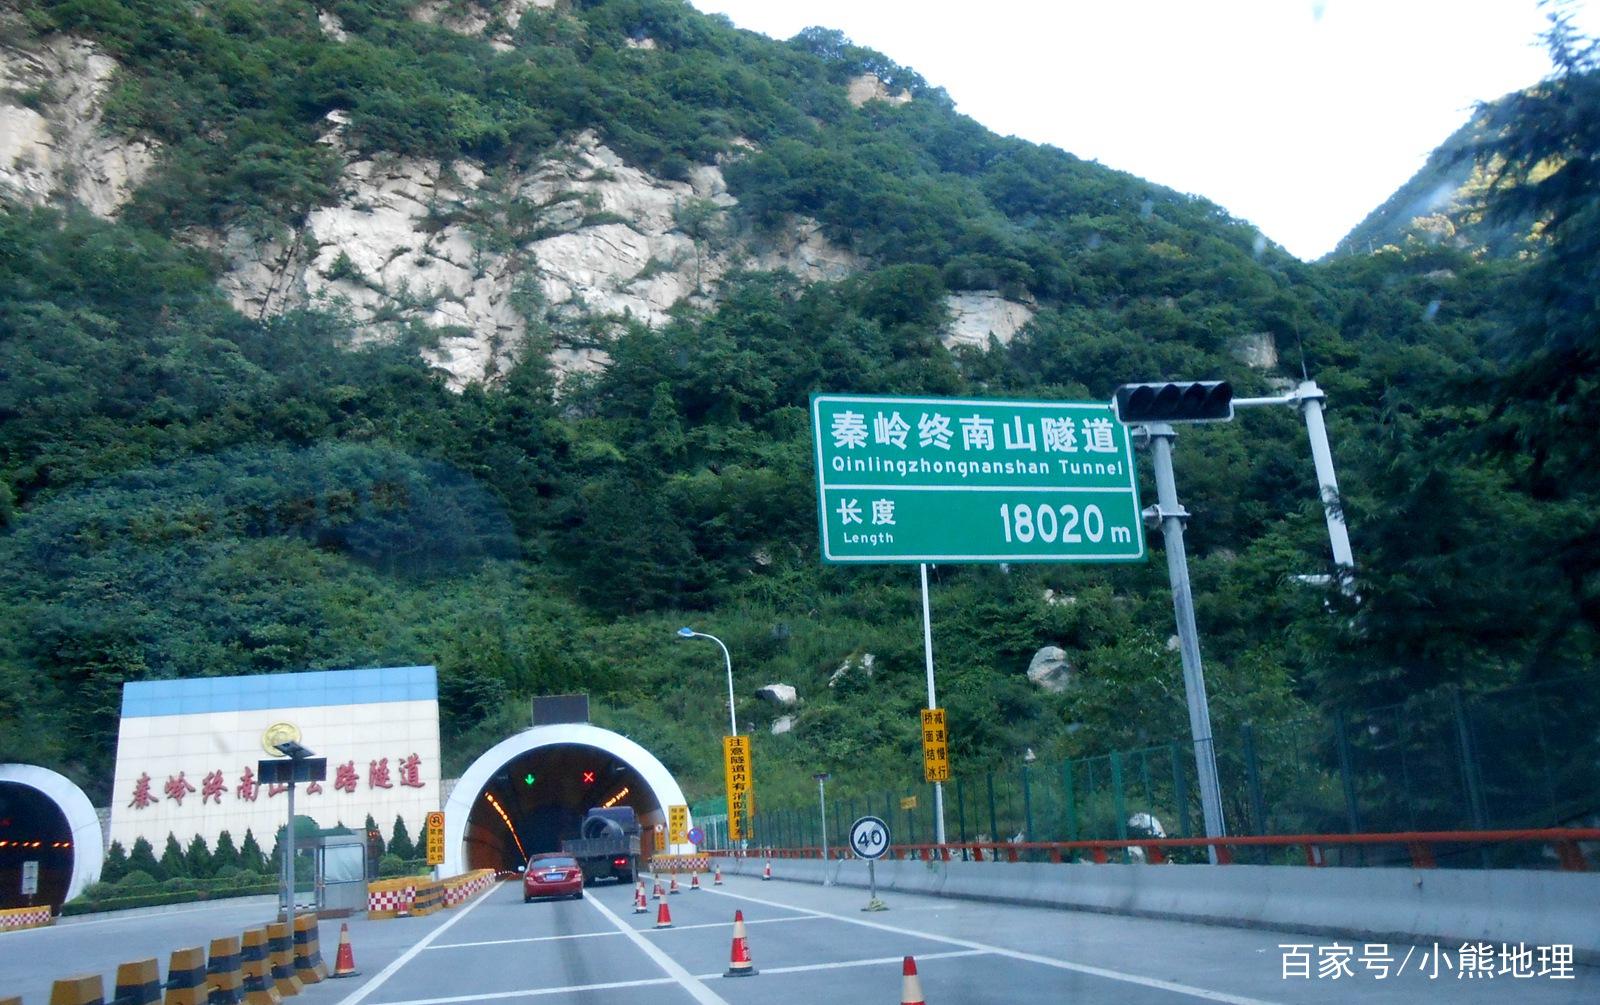 自驾穿越秦岭,如同自由飞翔,走终南山隧道好像穿越时空